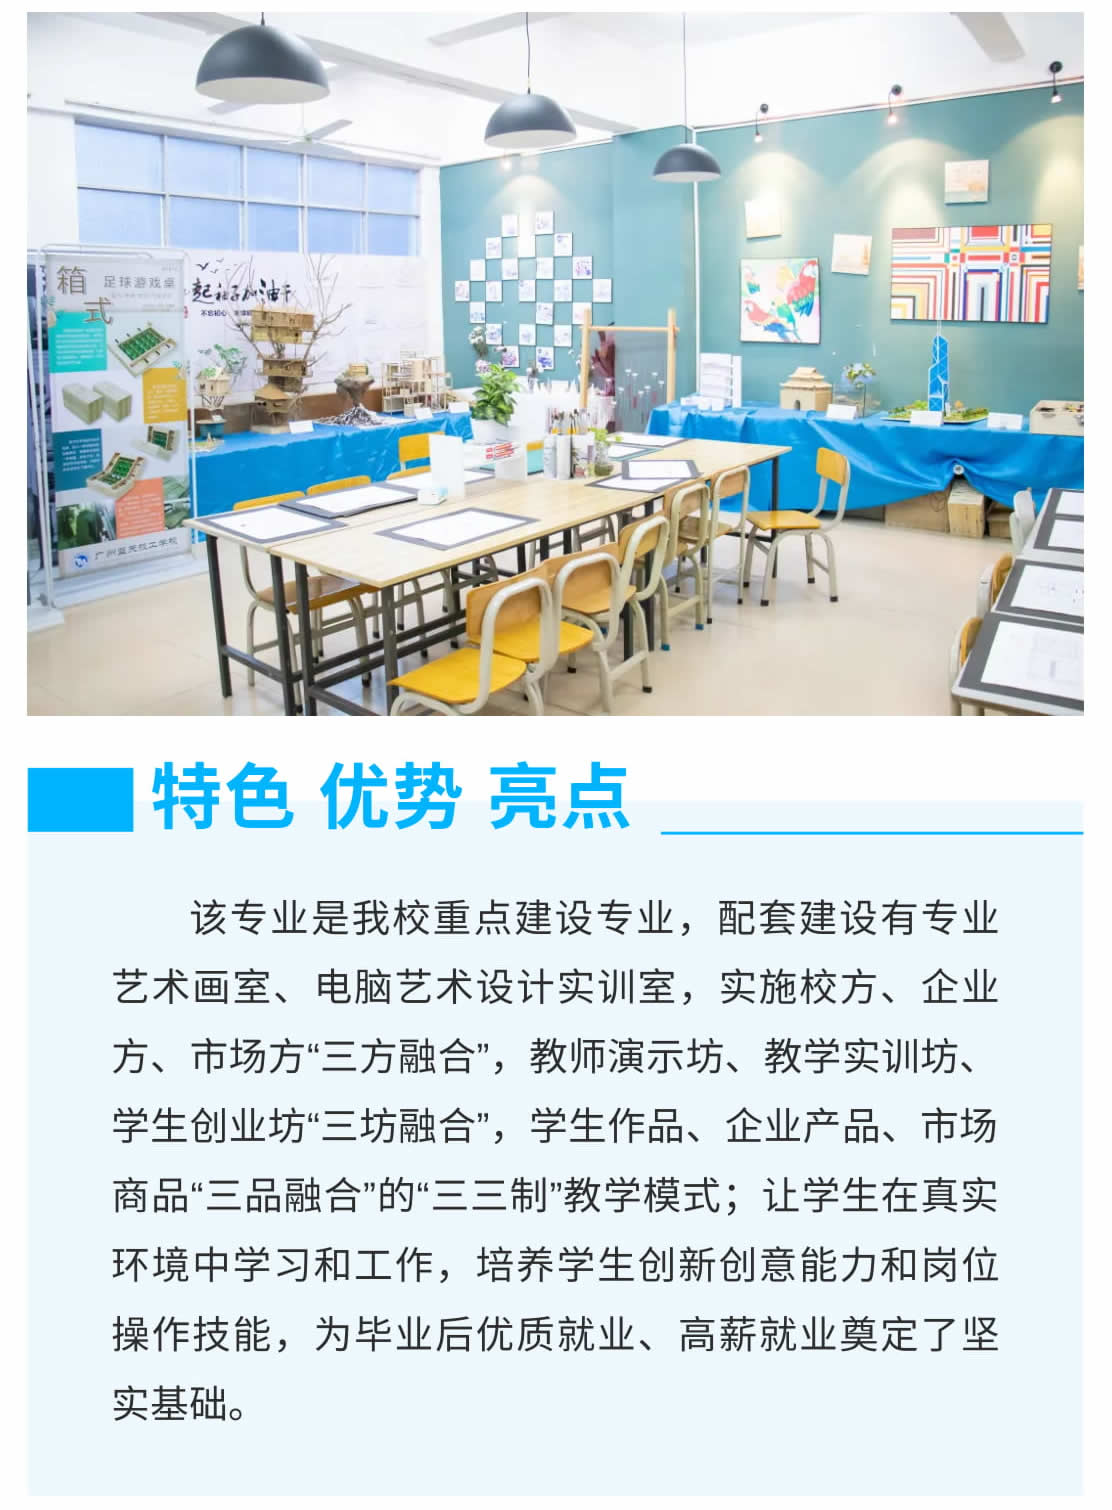 室内设计(高中起点三年制)-1_r4_c1.jpg